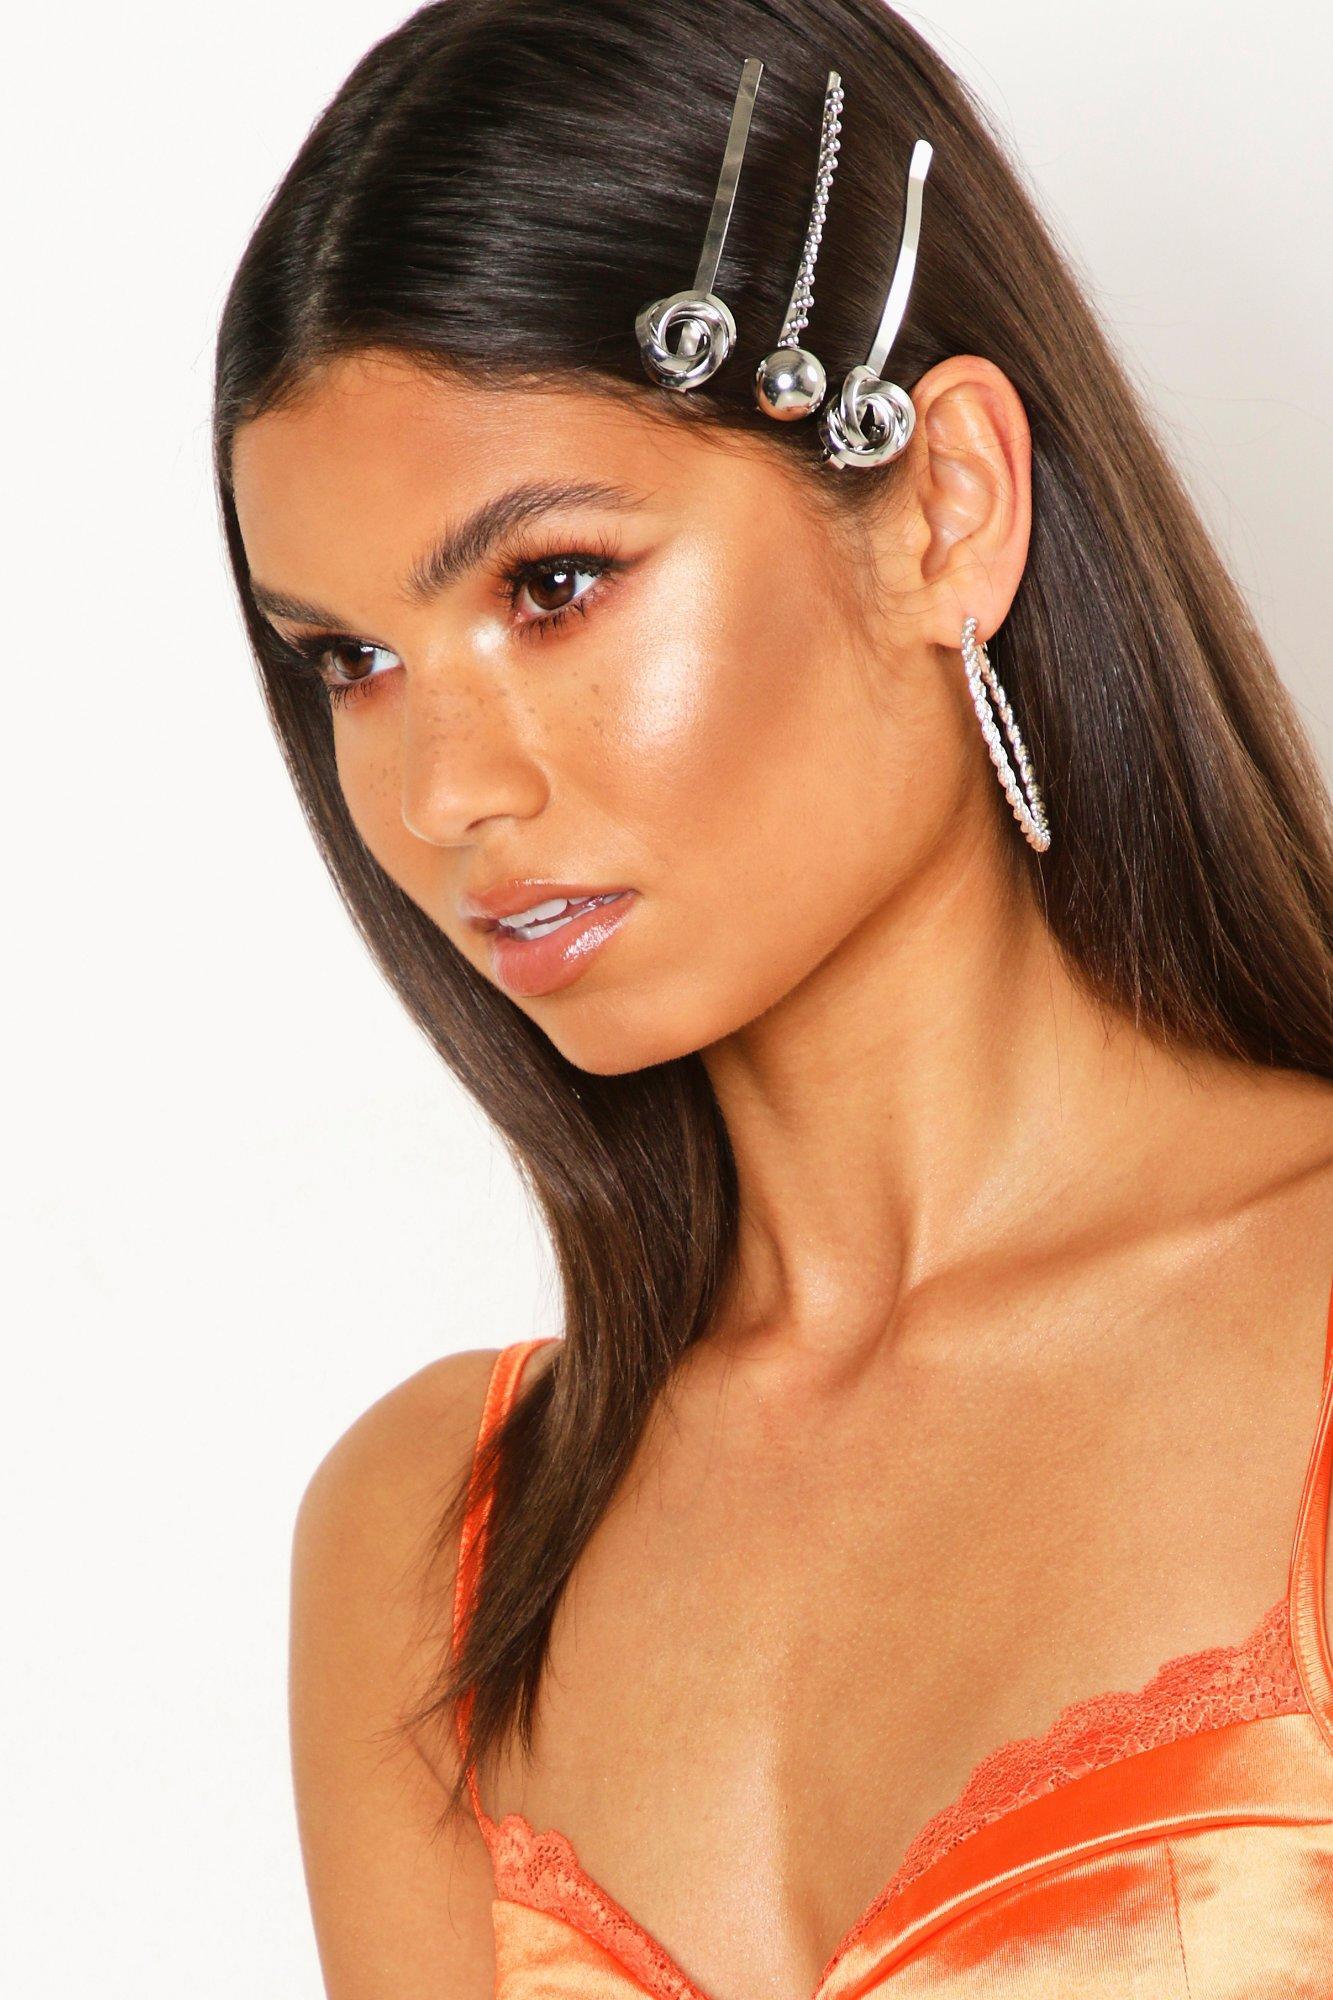 Купить со скидкой Мульти-комплект заколок для волос в виде узелковт и шаров